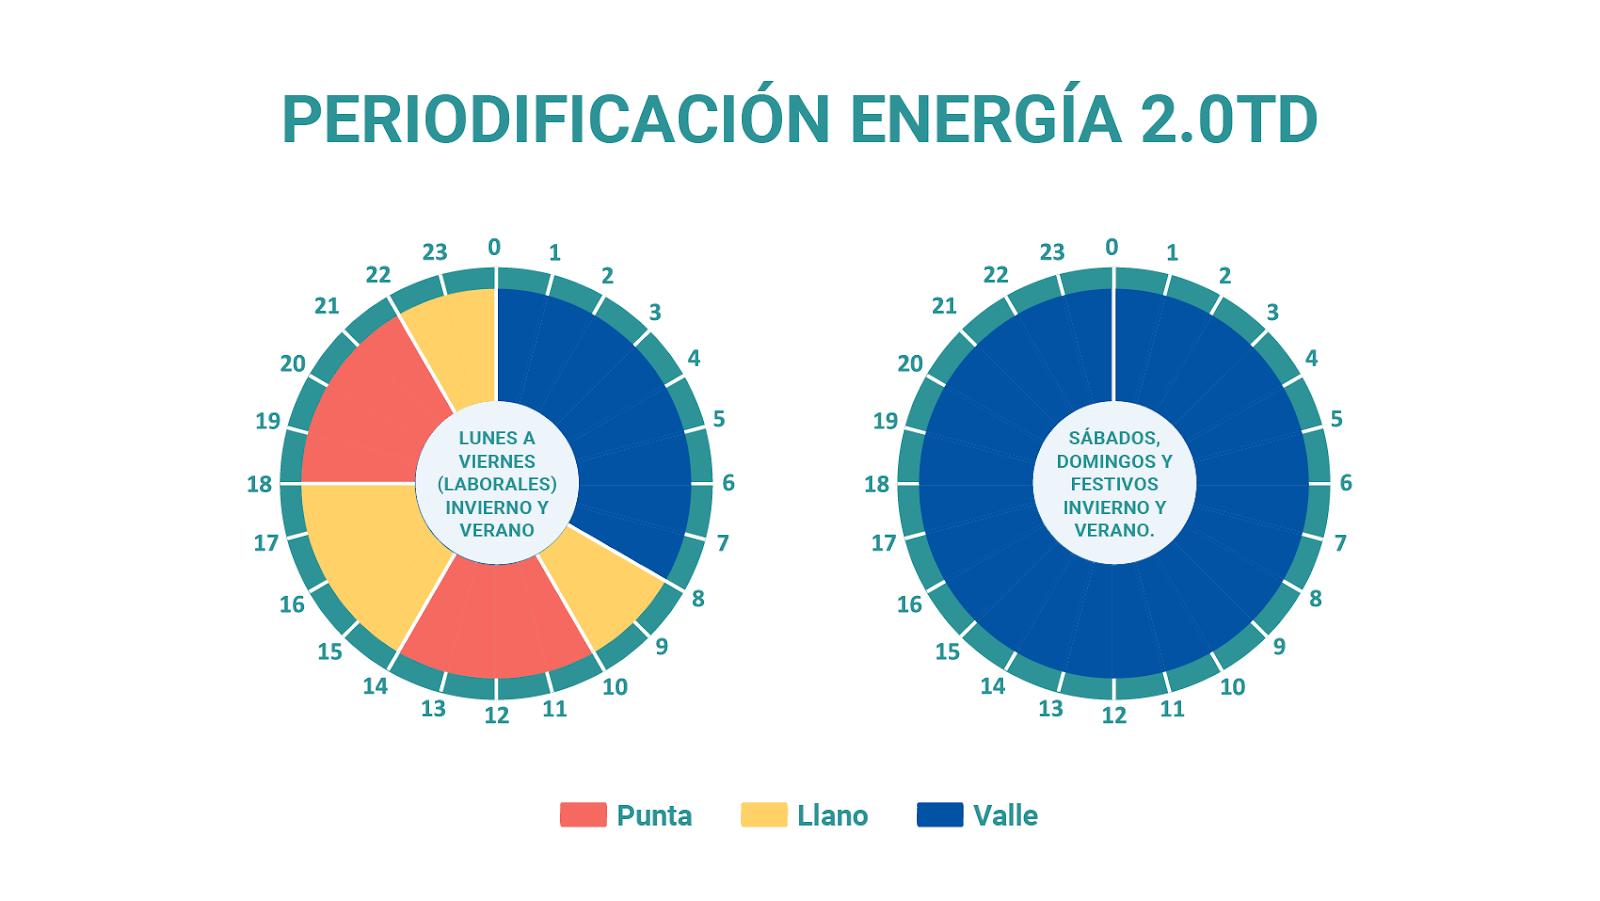 periodos-de-energia-20td